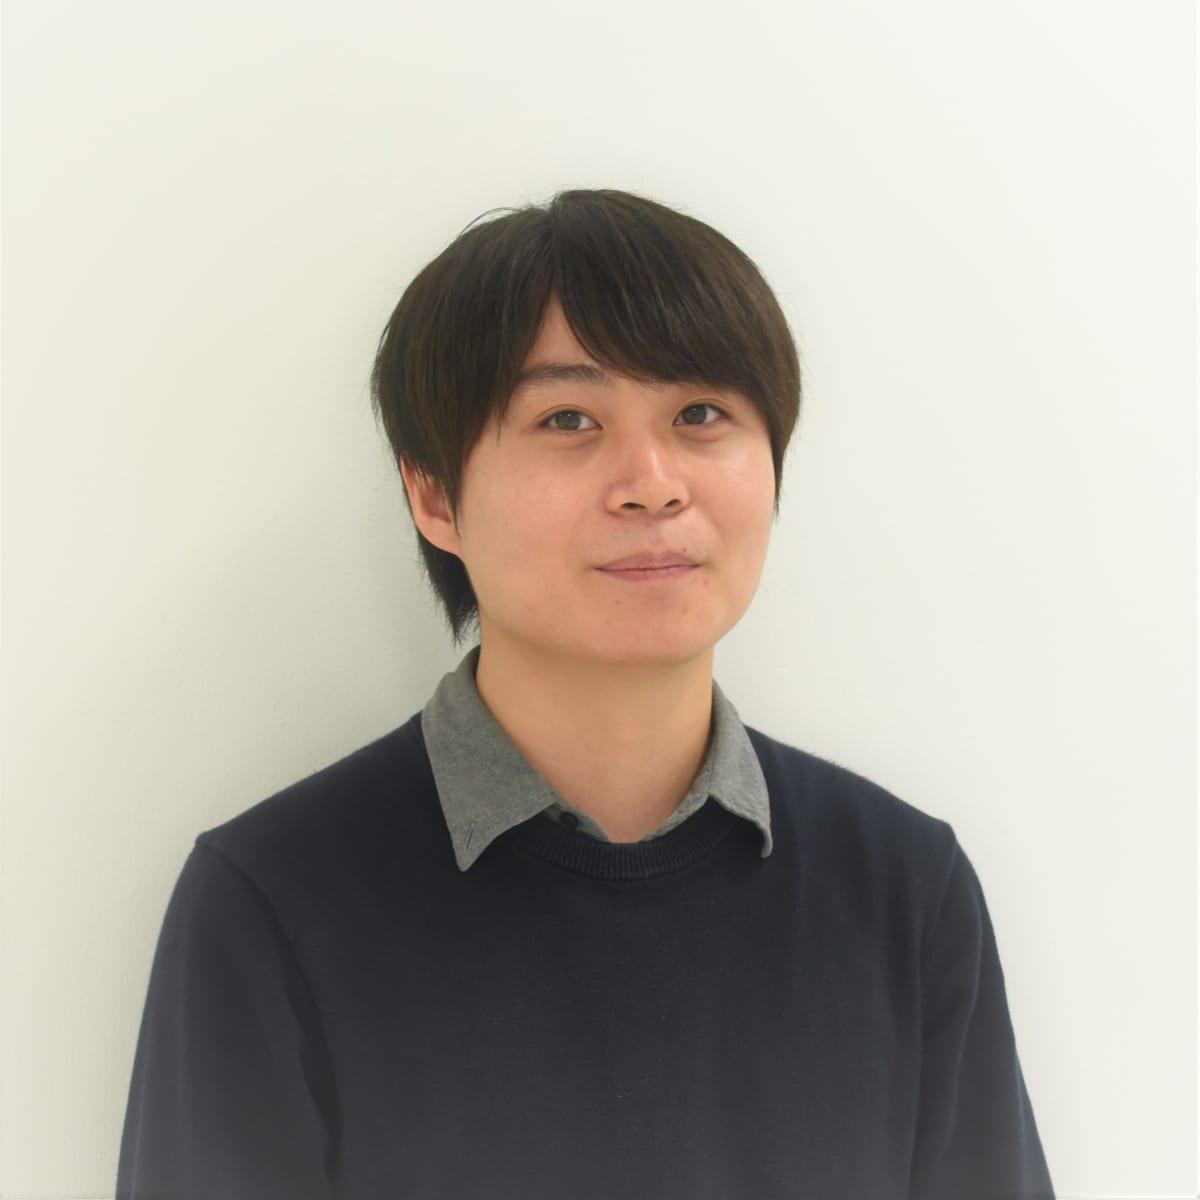 平田 幸志郎